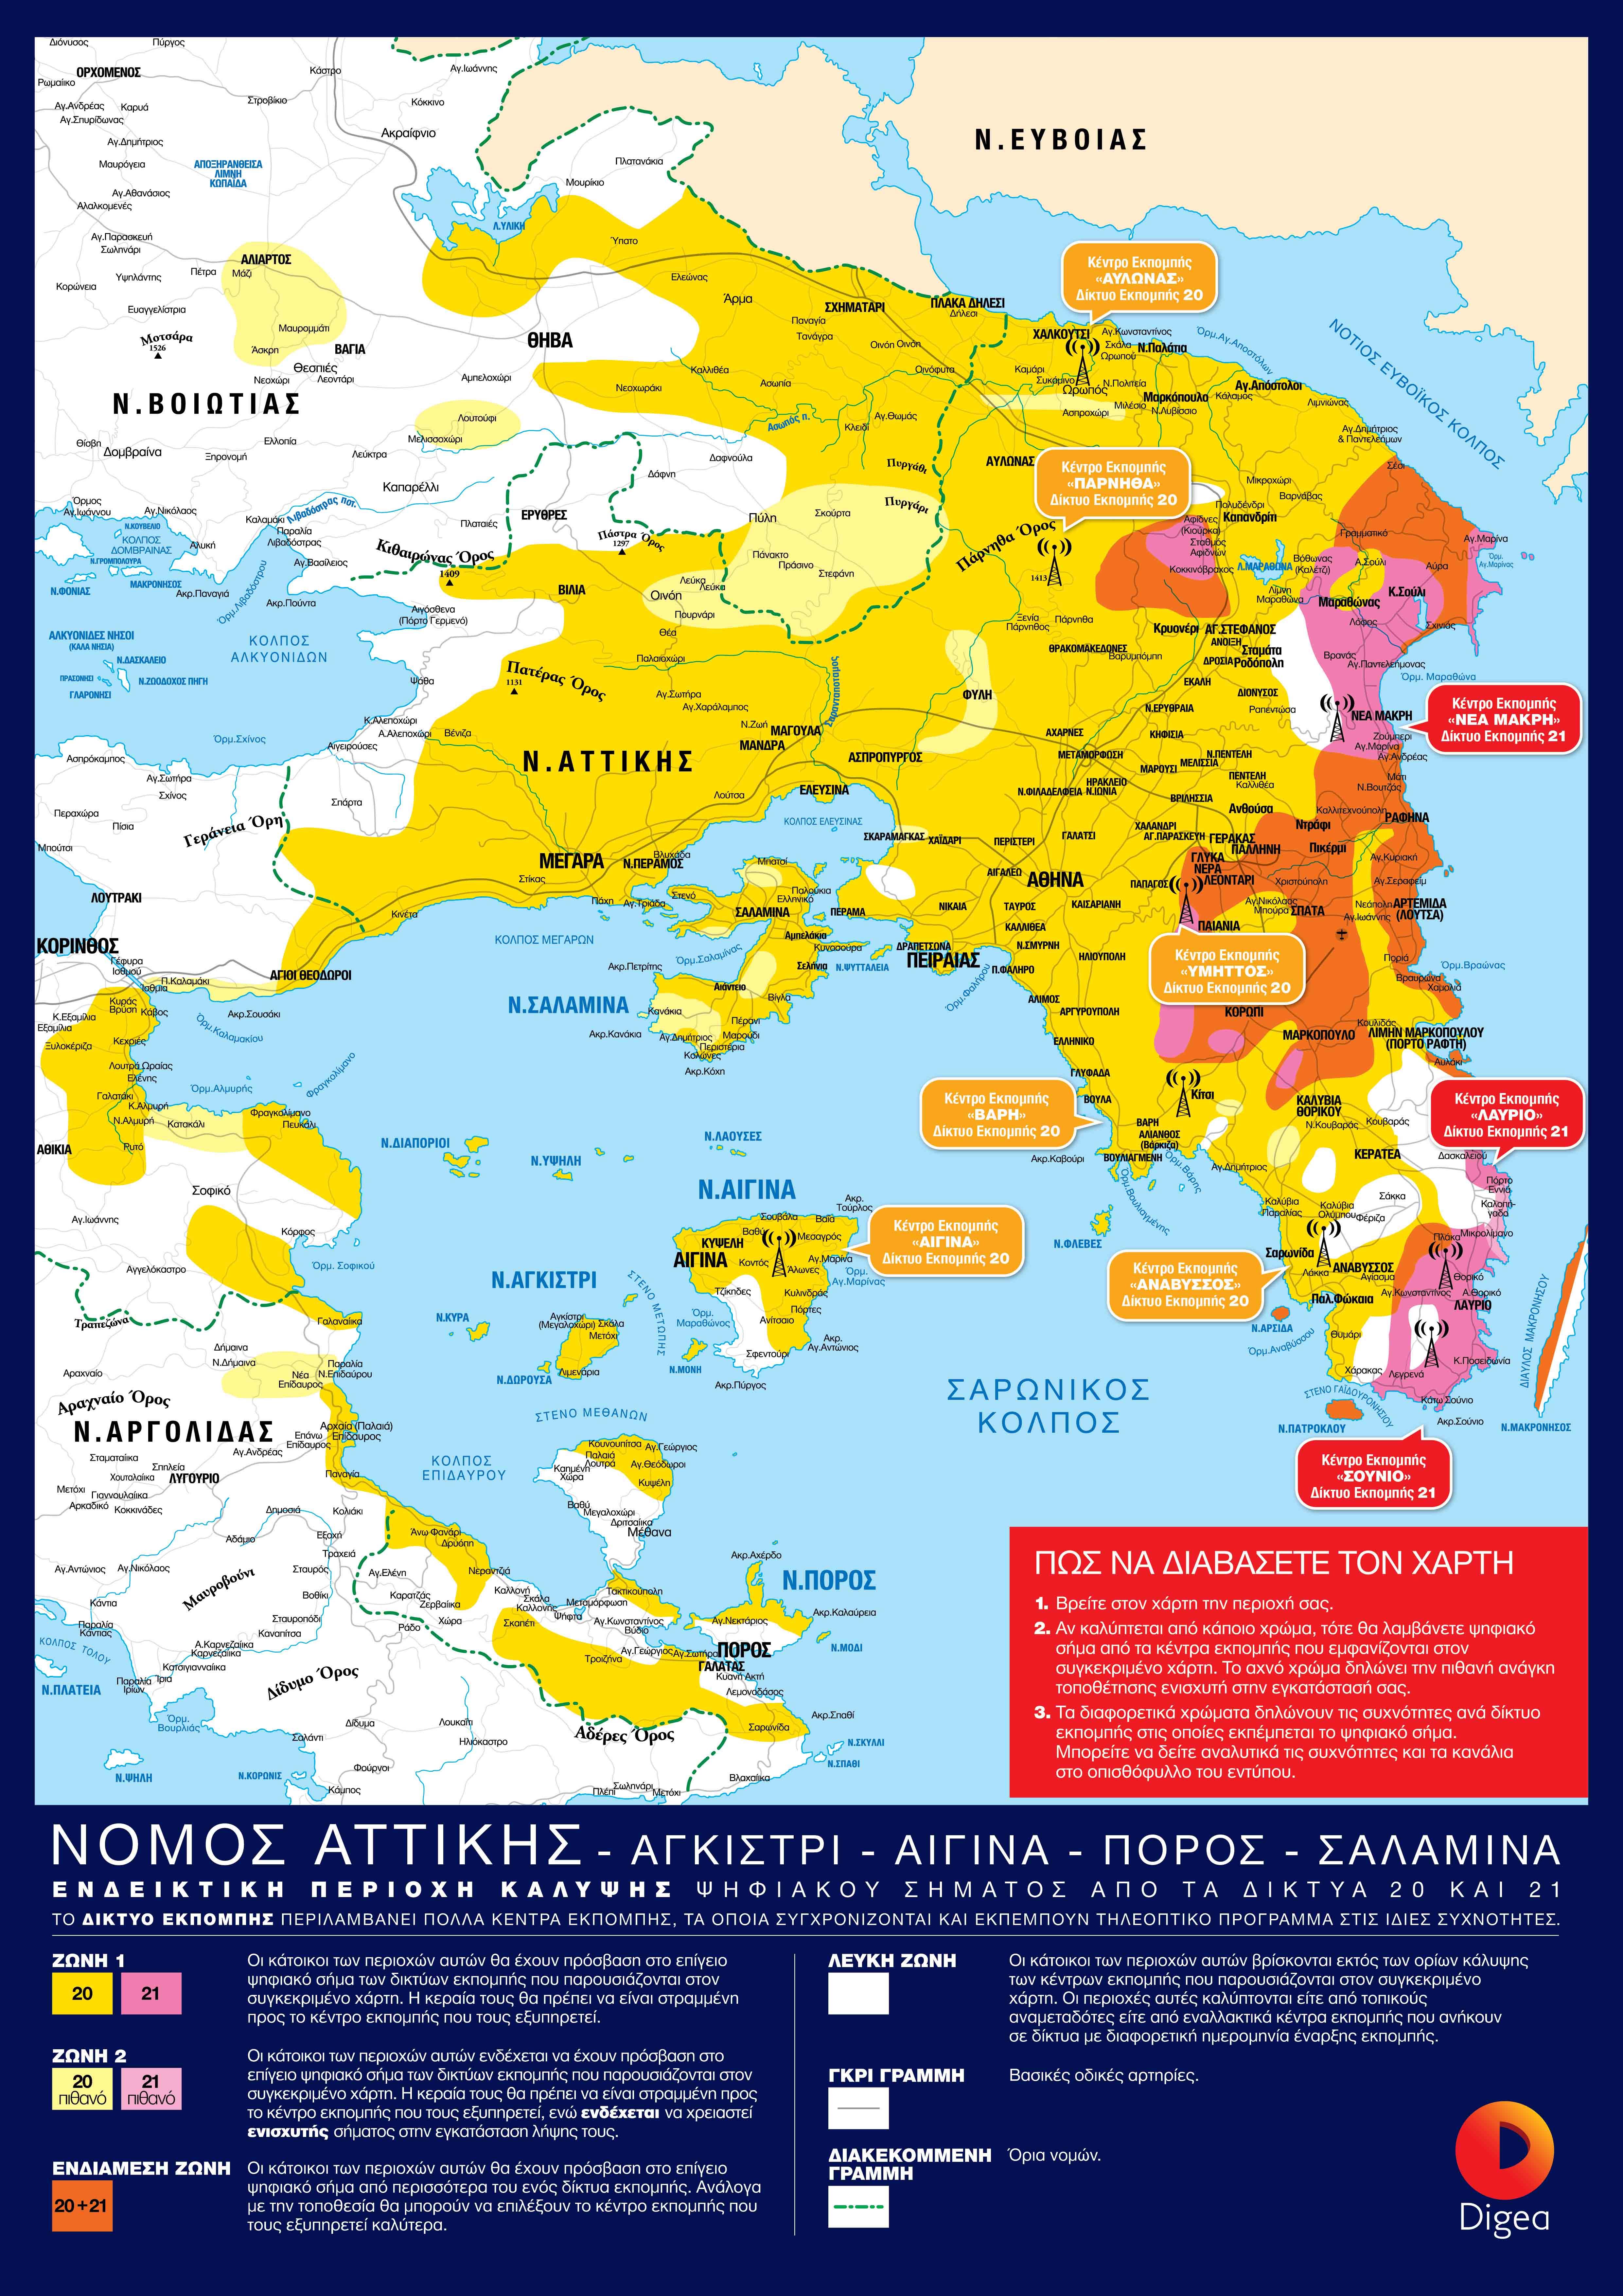 Attiki coverage map